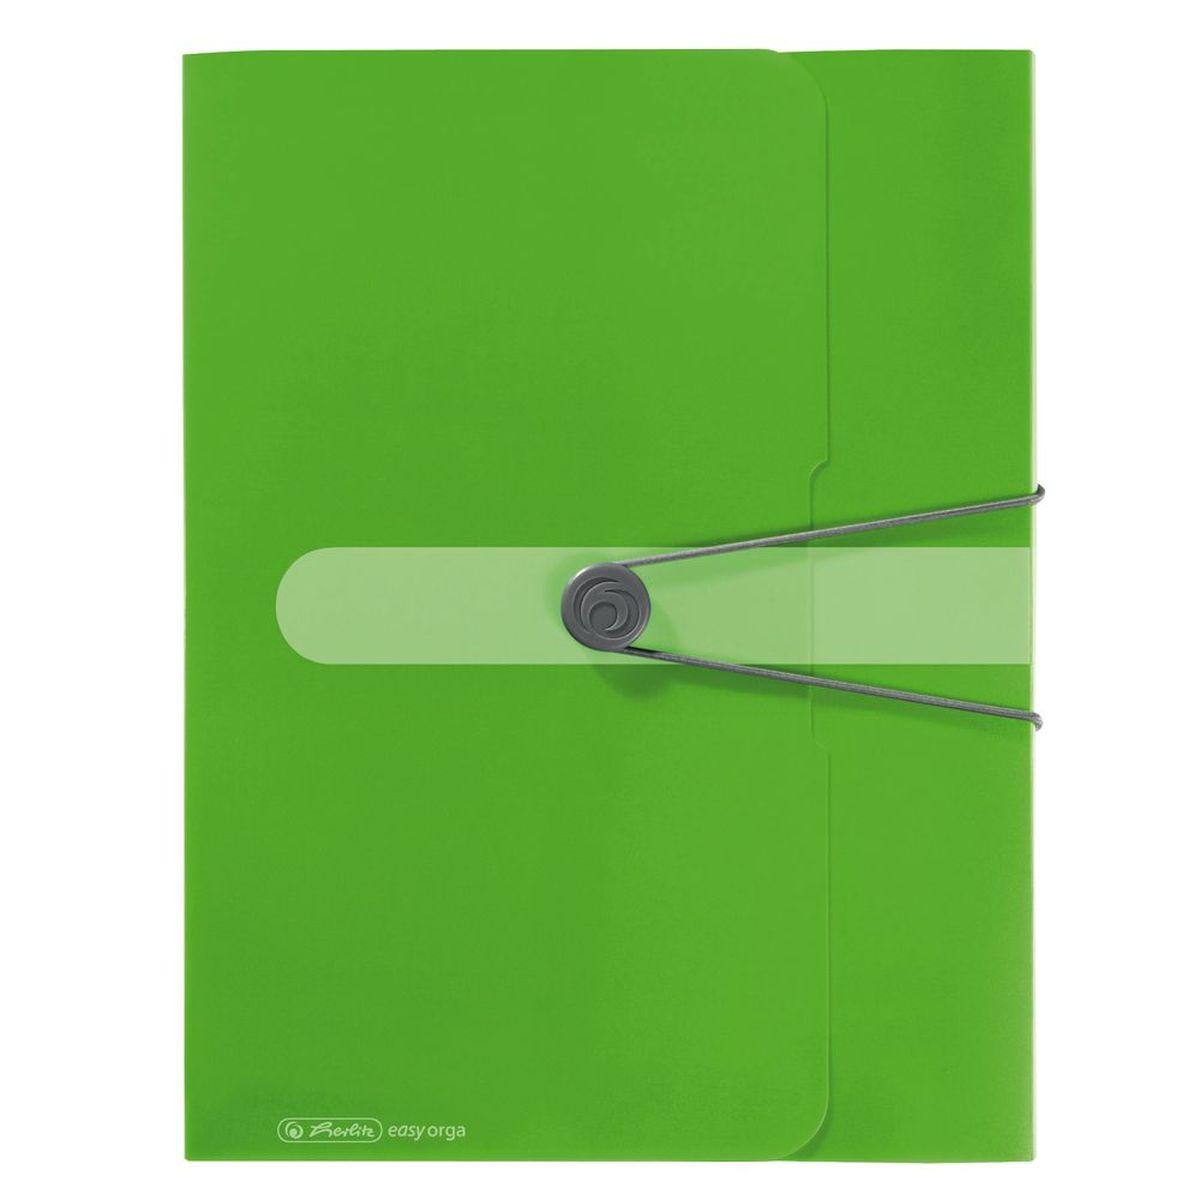 Herlitz Папка-конверт Easy orga to go цвет зеленый80036_серыйПапка-конверт Herlitz Easy orga to go станет вашим верным помощником дома и в офисе.Это удобный и функциональный инструмент, предназначенный для хранения и транспортировки больших объемов рабочих бумаг и документов формата А4. Папка изготовлена из износостойкого пластика и качественного полипропилена. Состоит из одного вместительного отделения. Закрывается папка при помощи резинки, а на корешке папки есть ярлычок.Папка - это незаменимый атрибут для любого студента, школьника или офисного работника. Такая папка надежно сохранит ваши бумаги и сбережет их от повреждений, пыли и влаги.